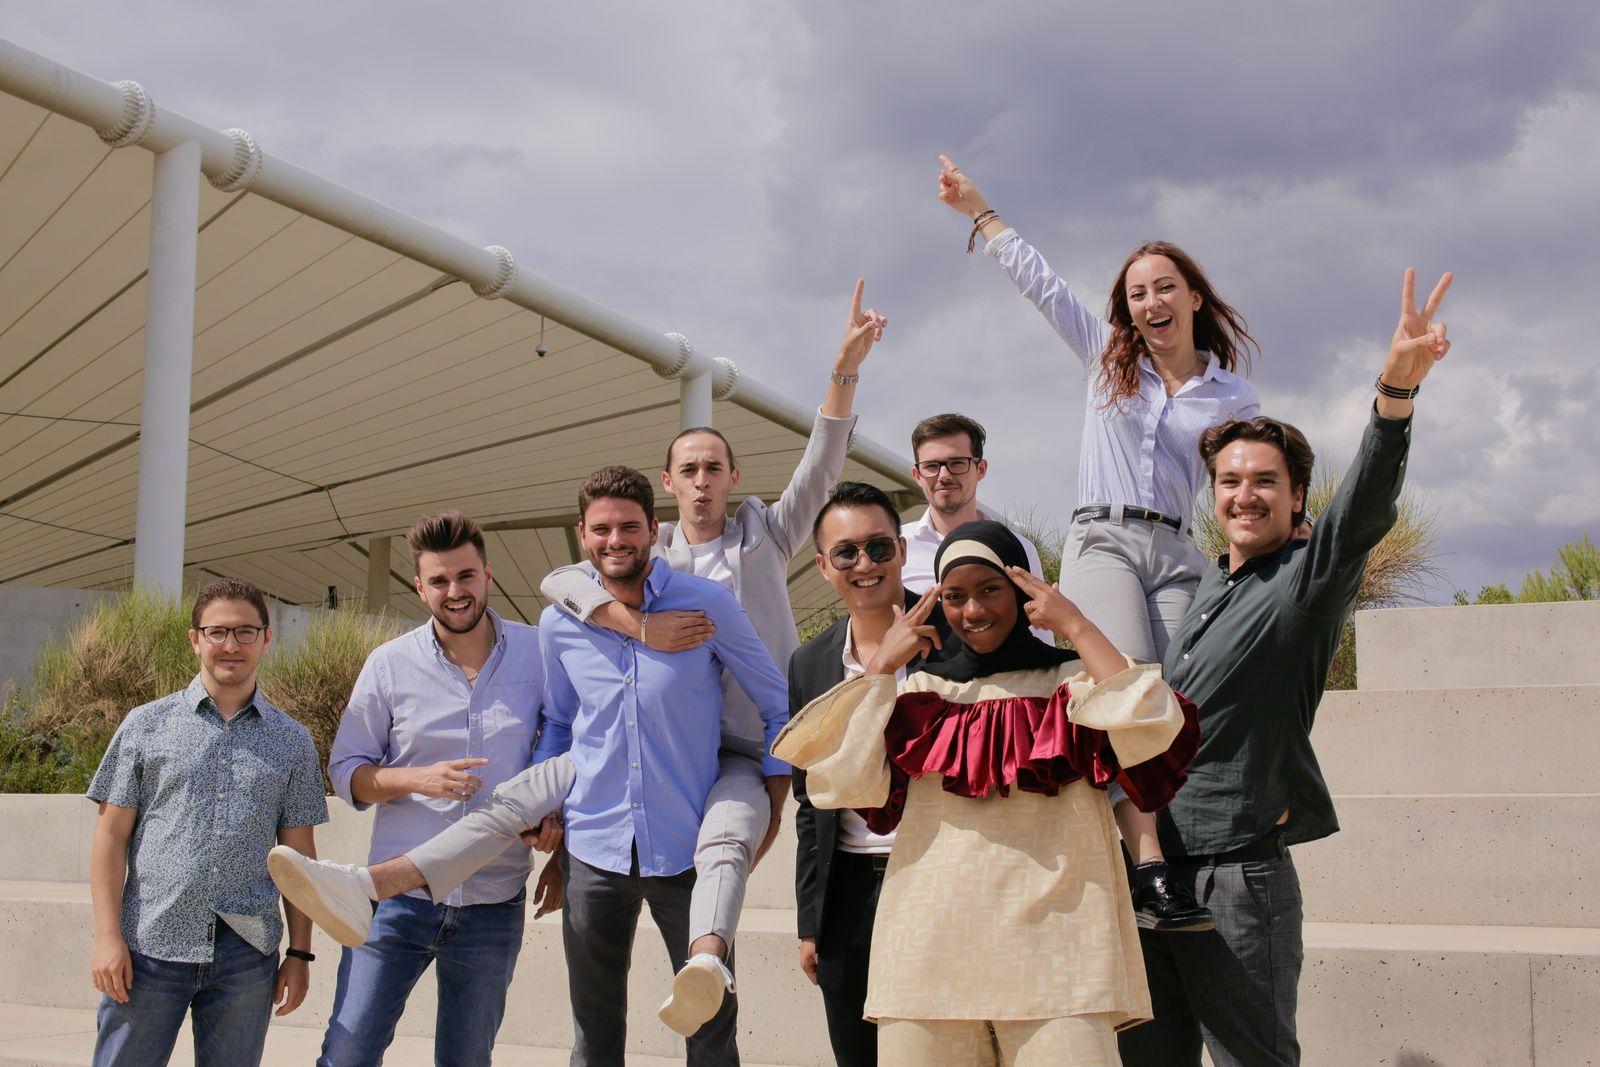 9 jeunes entrepreneurs passent de l'idée à l'action